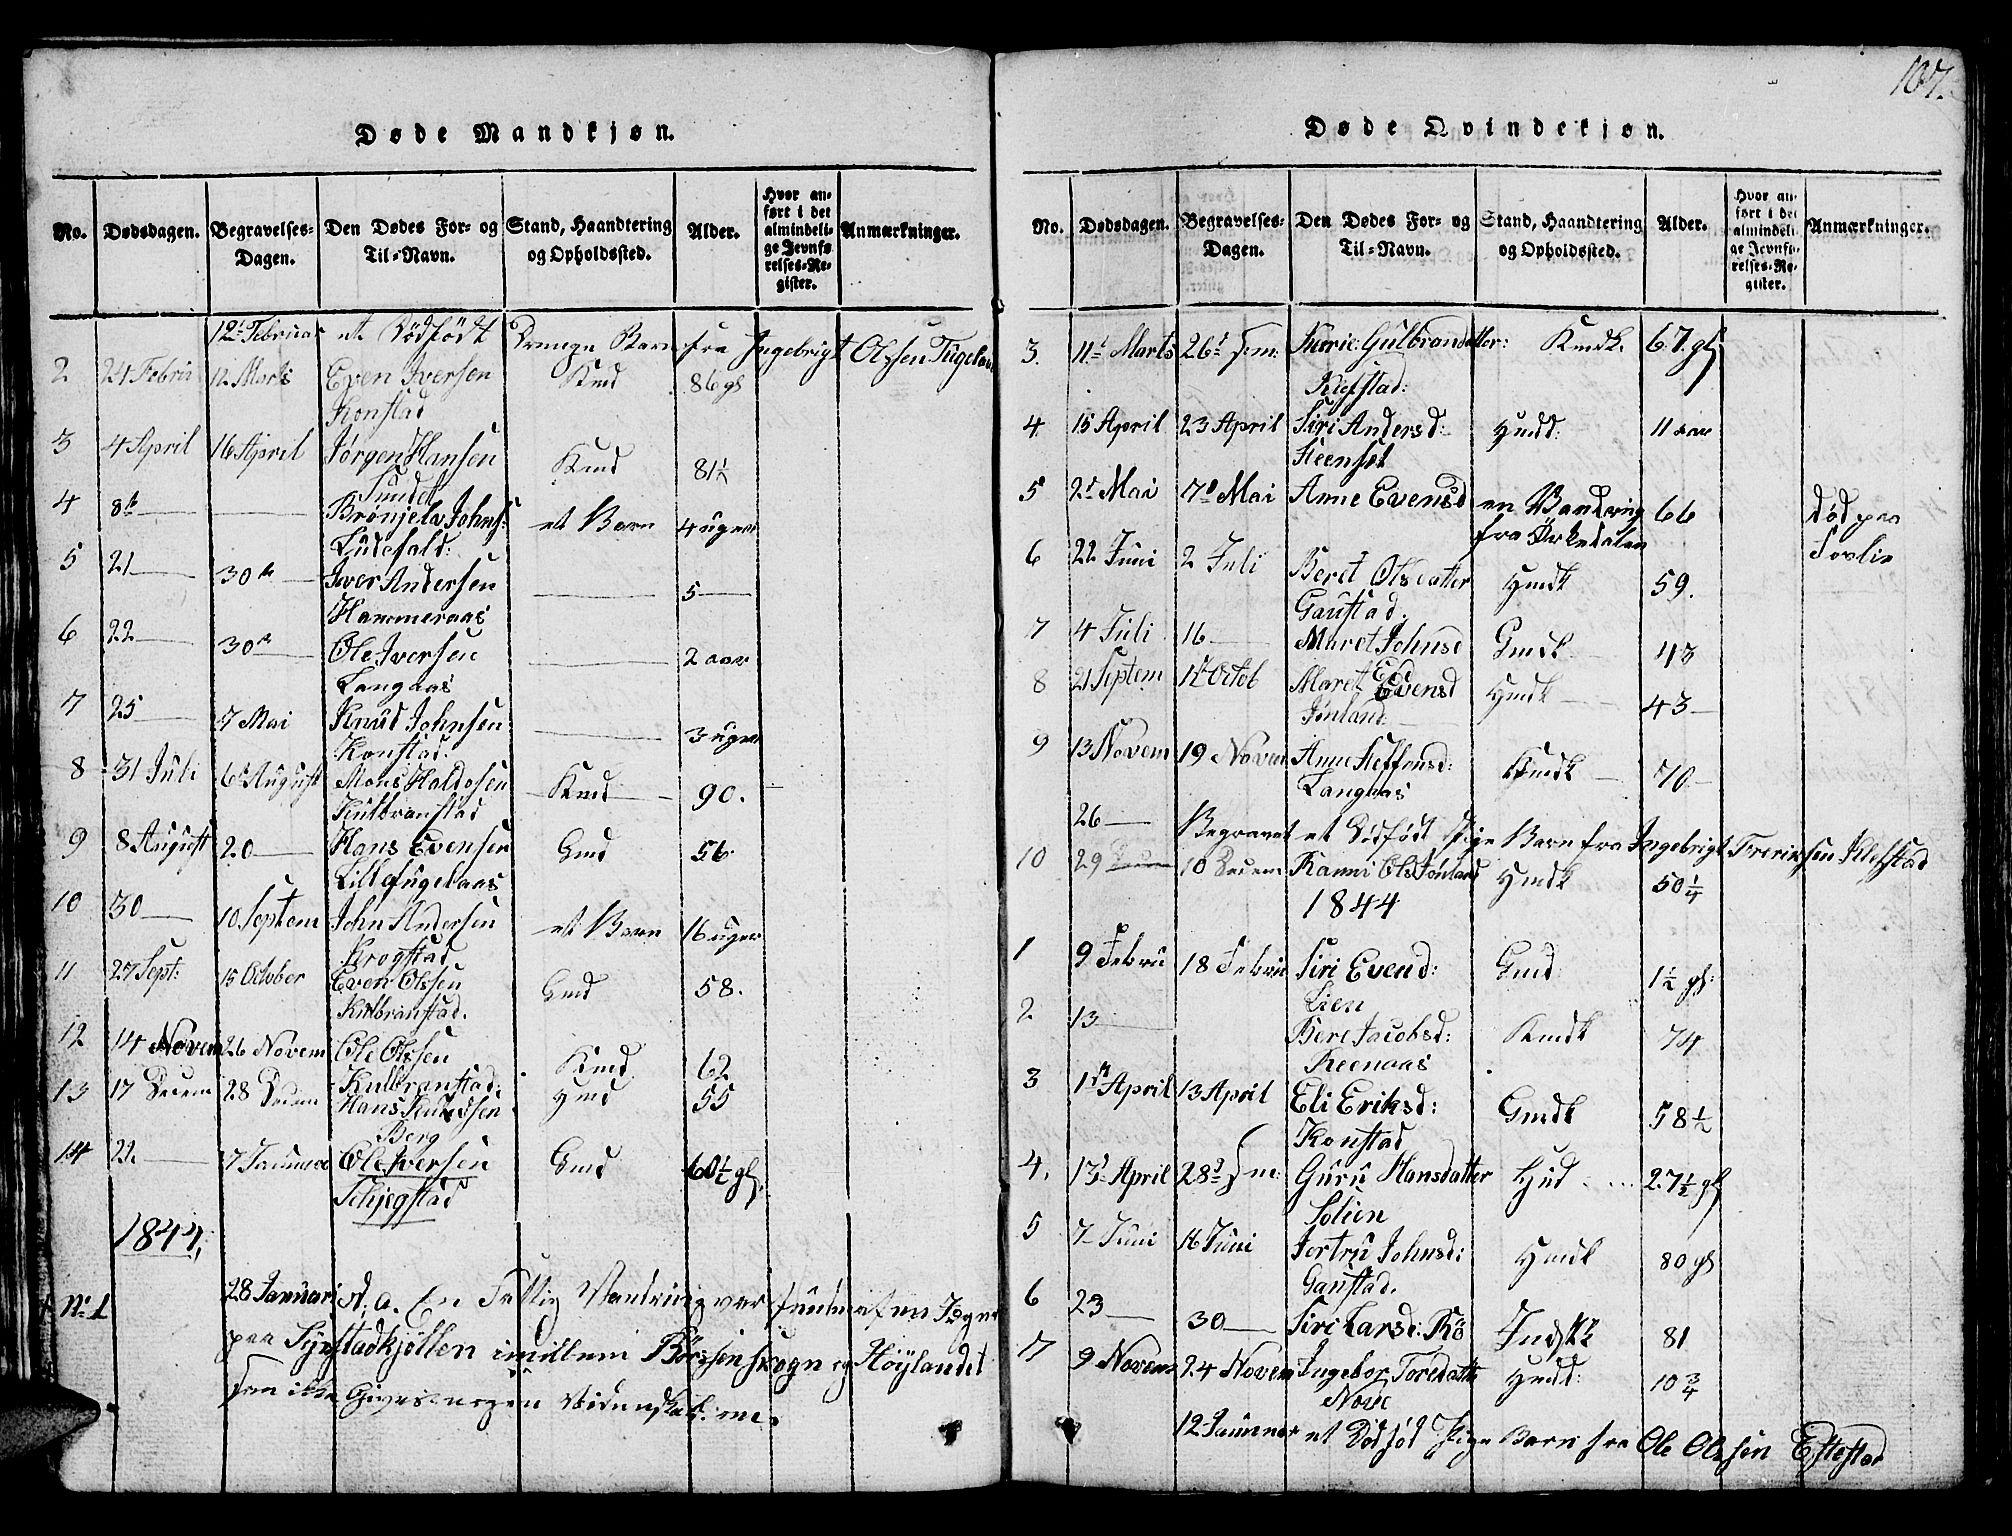 SAT, Ministerialprotokoller, klokkerbøker og fødselsregistre - Sør-Trøndelag, 694/L1130: Klokkerbok nr. 694C02, 1816-1857, s. 107